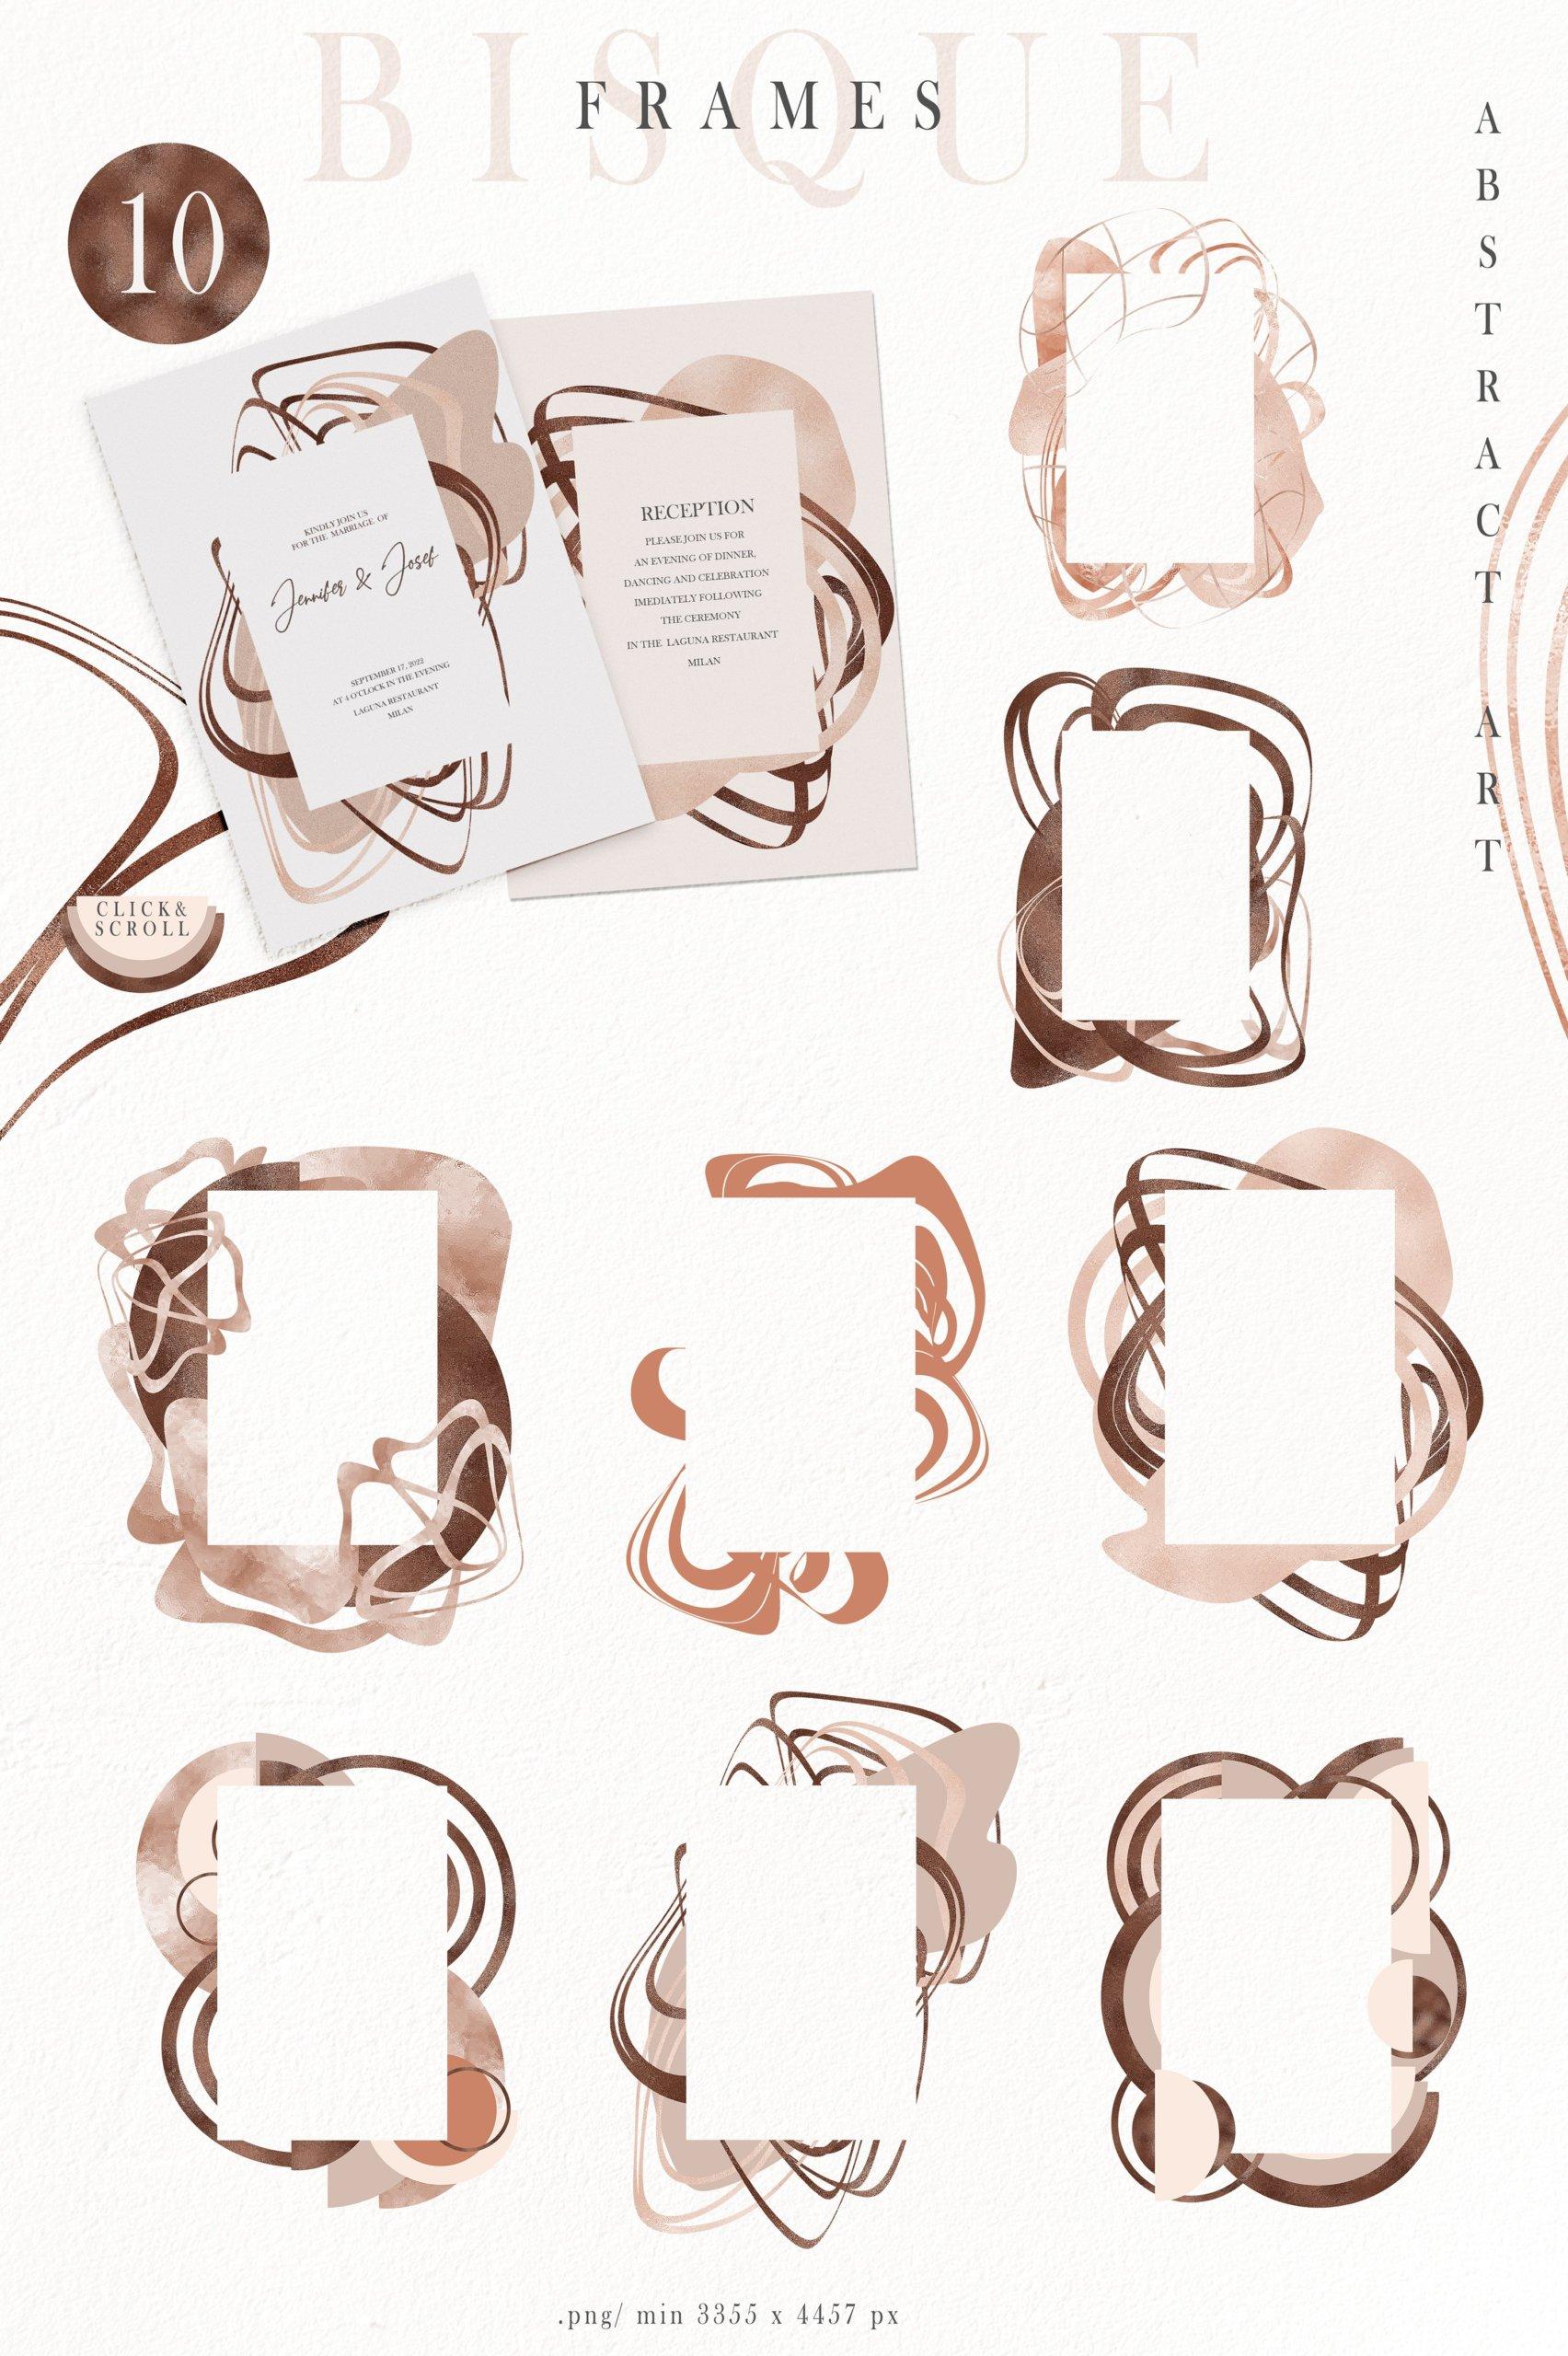 抽象巧克力奶油线条图形符号字母PNG透明背景图片设计素材 Abstract Shapes, Line Art, Alphabet插图2